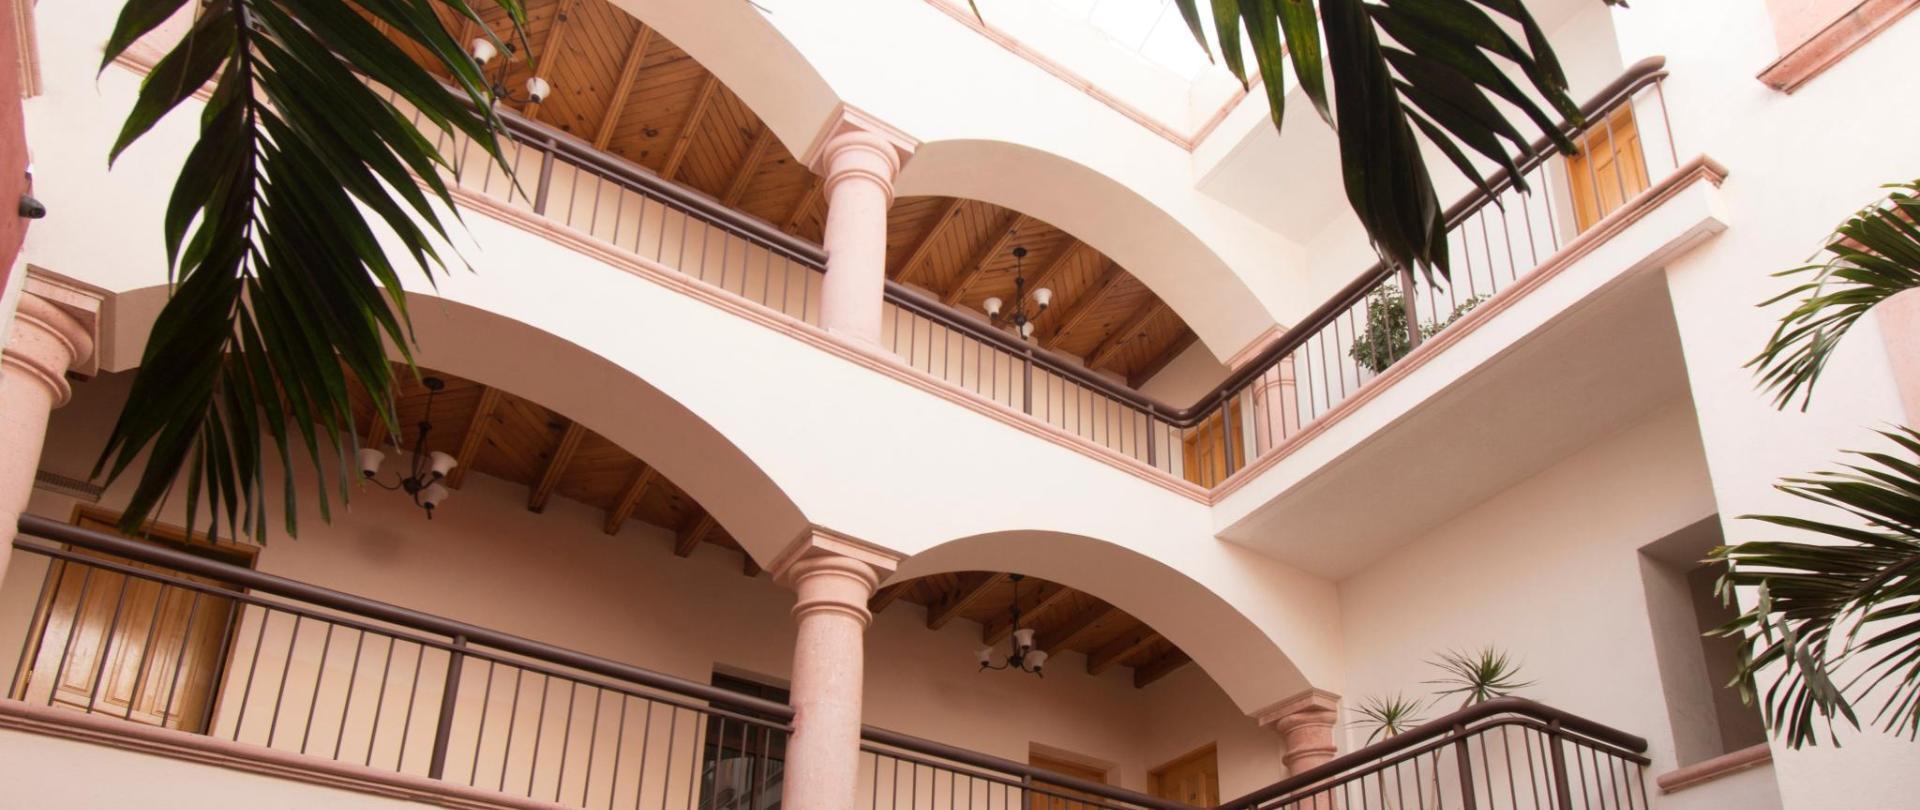 Hotel Rio queretaro areas comunes (5).jpg